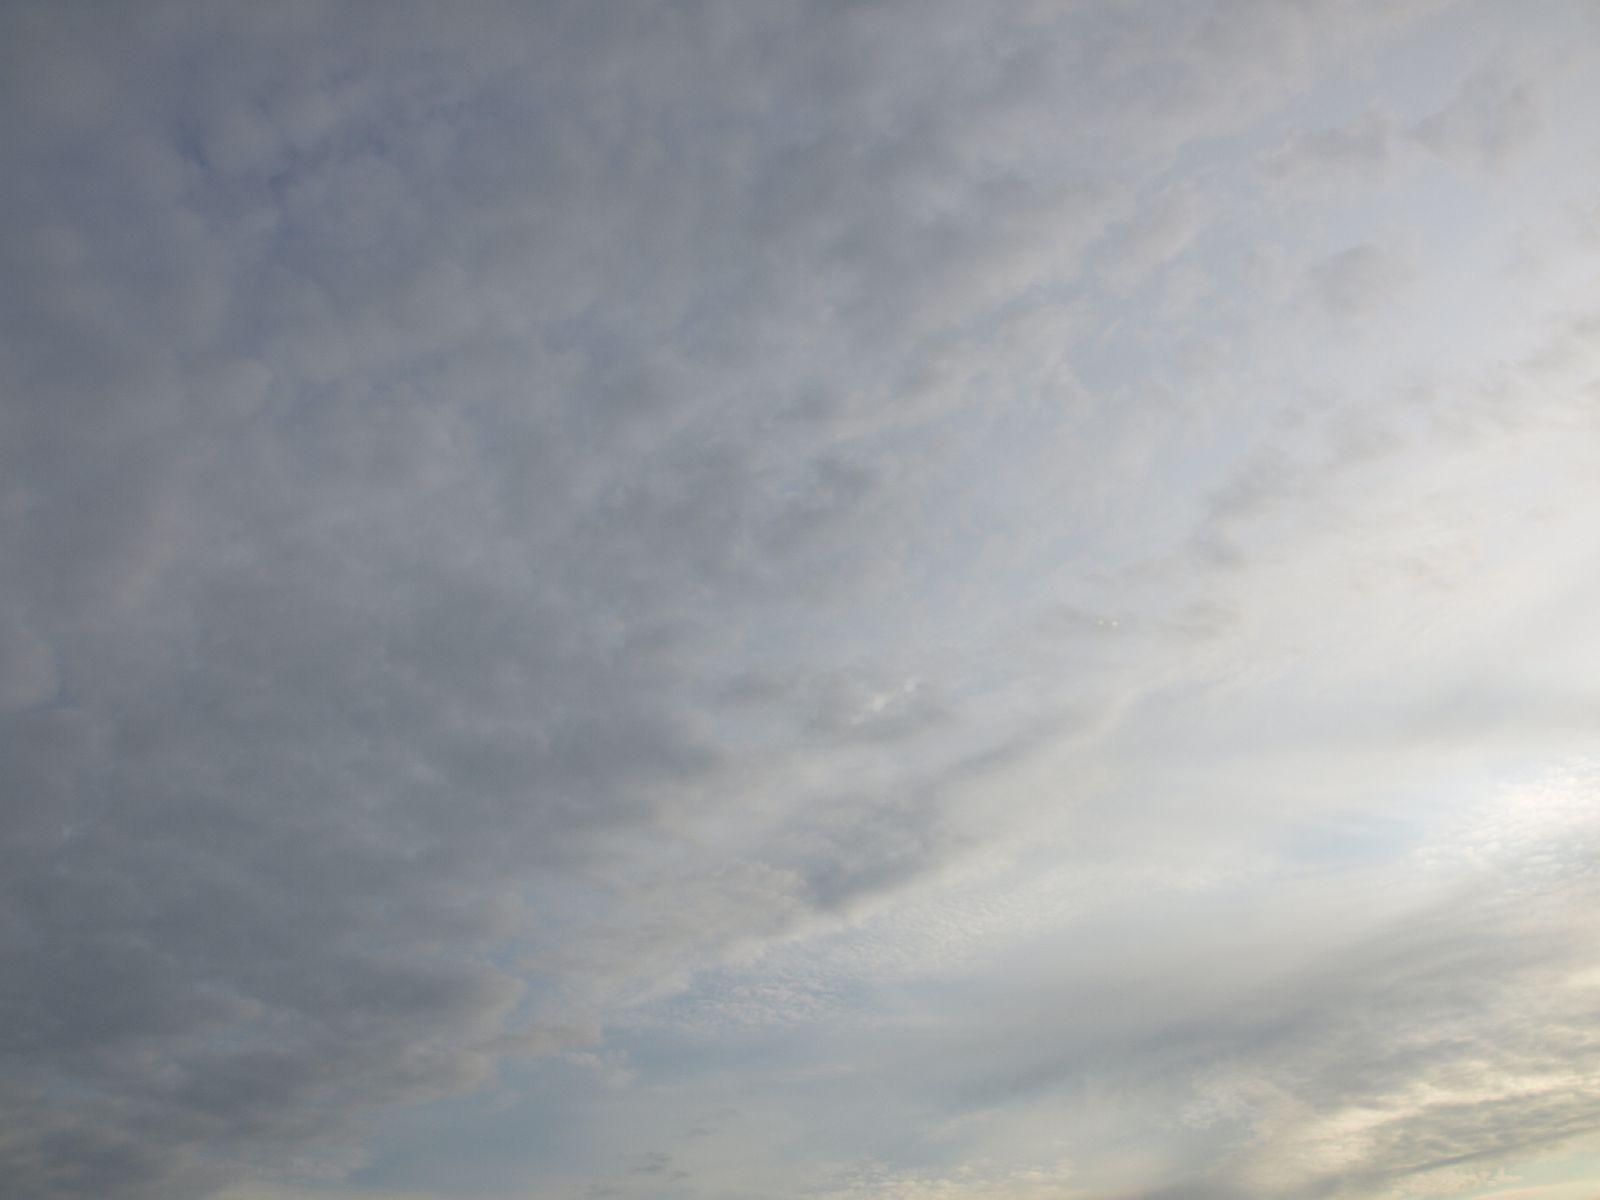 Himmel-Wolken-Foto_Textur_A_P8174446